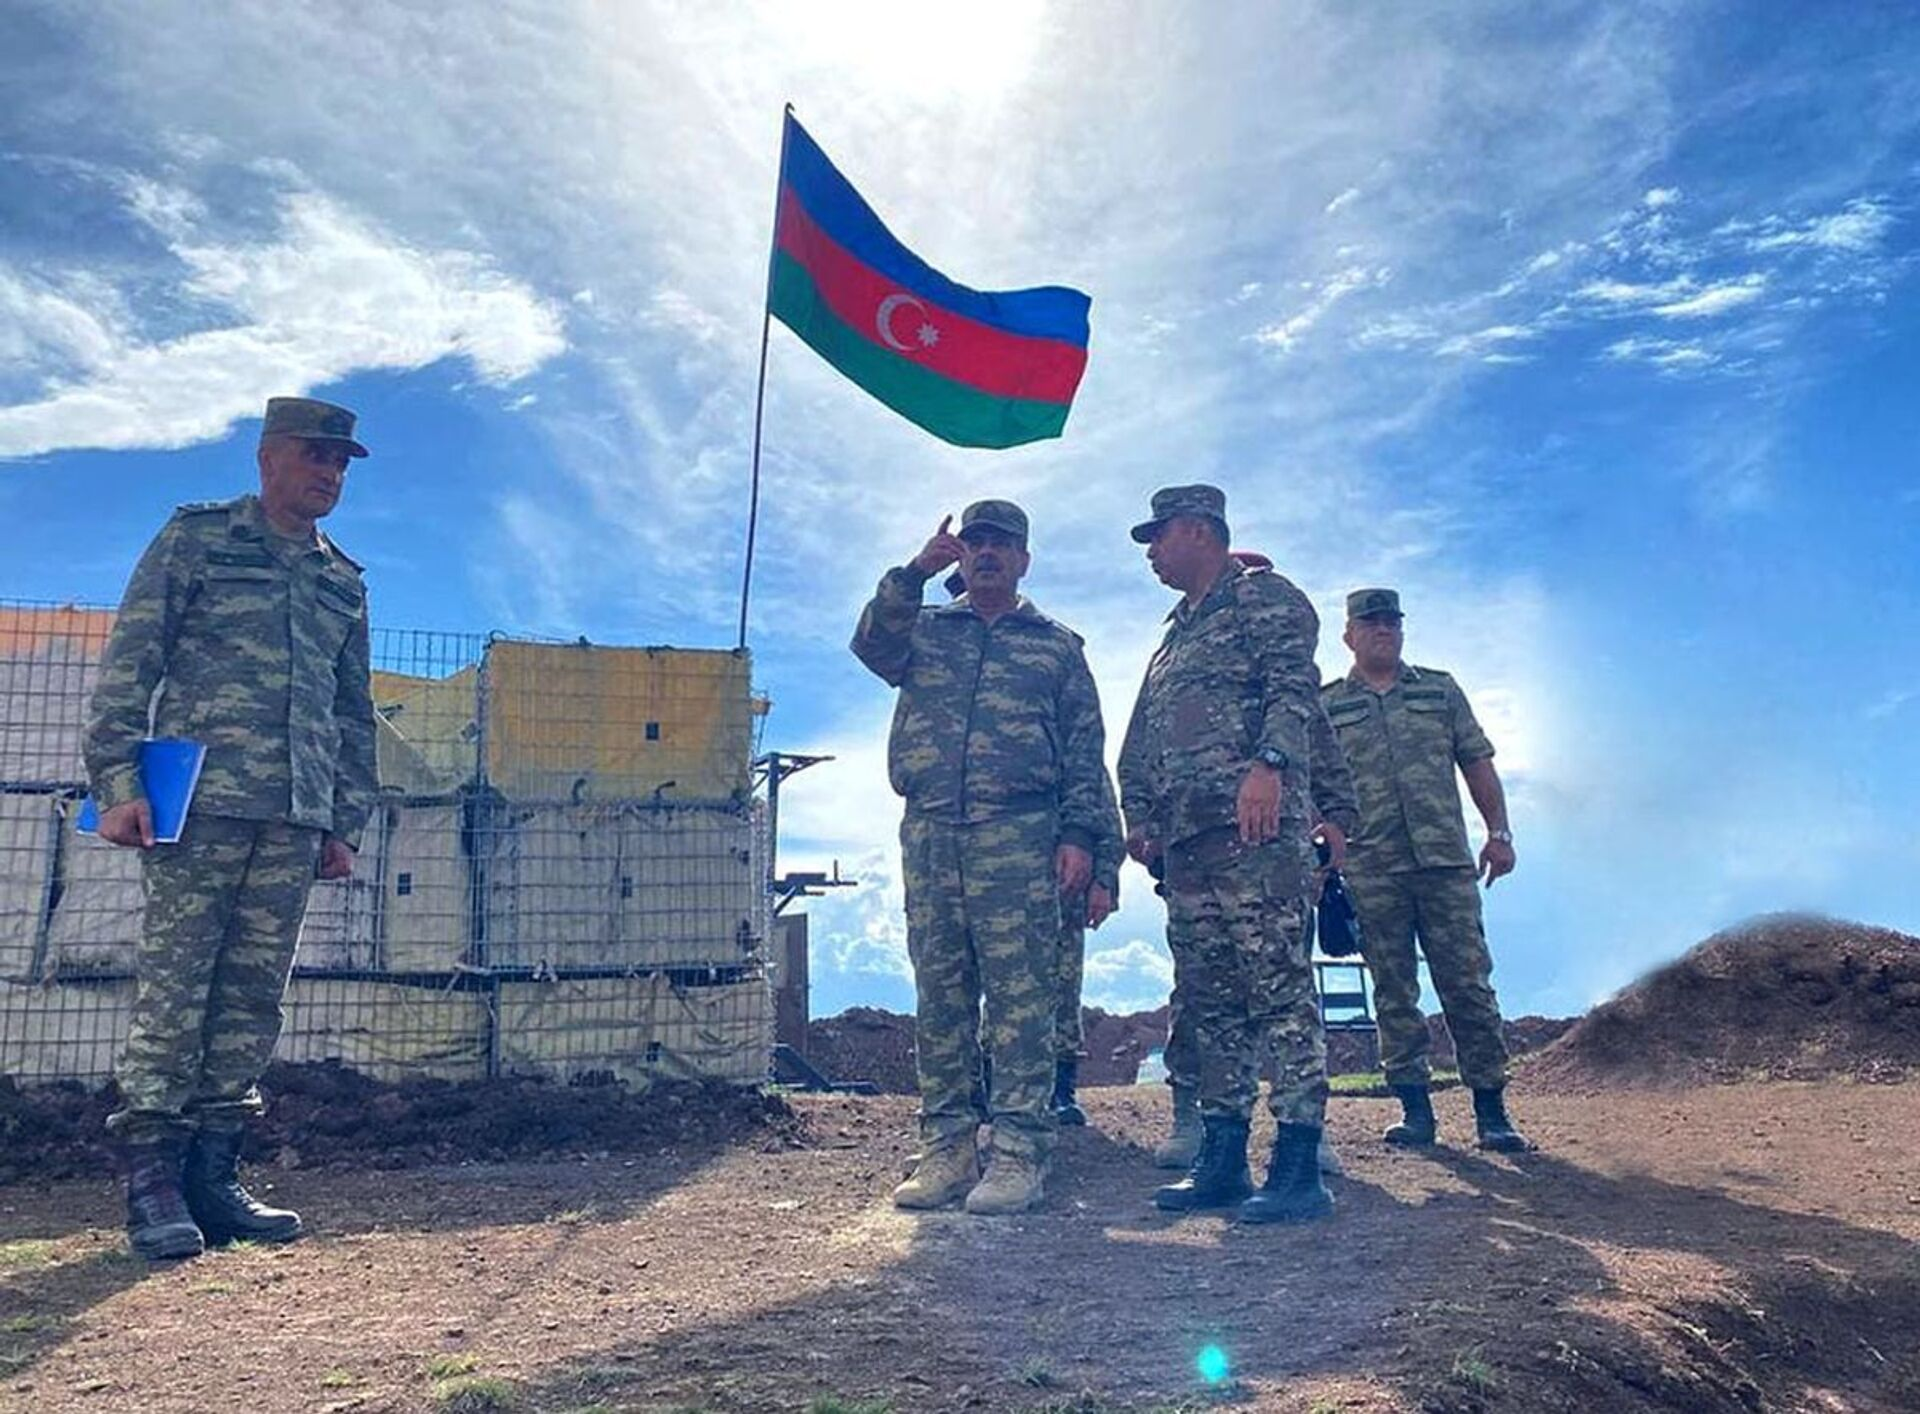 Министр обороны встретился с личным составом, несущим боевое дежурство в Кяльбаджарском районе - Sputnik Азербайджан, 1920, 01.10.2021